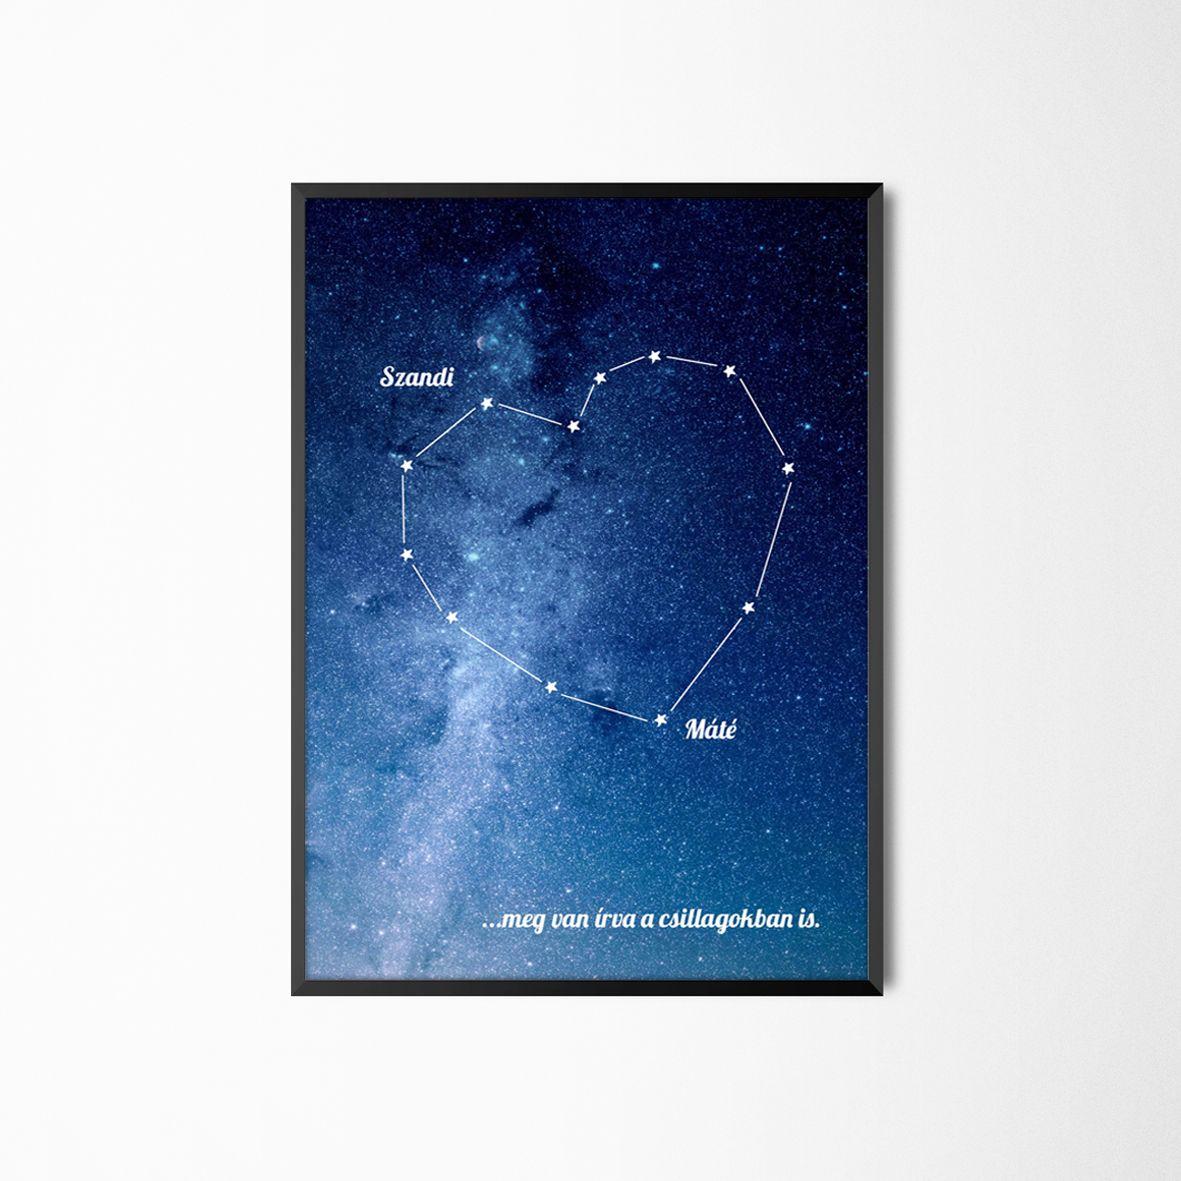 A mi csillagképünk (kicsi)